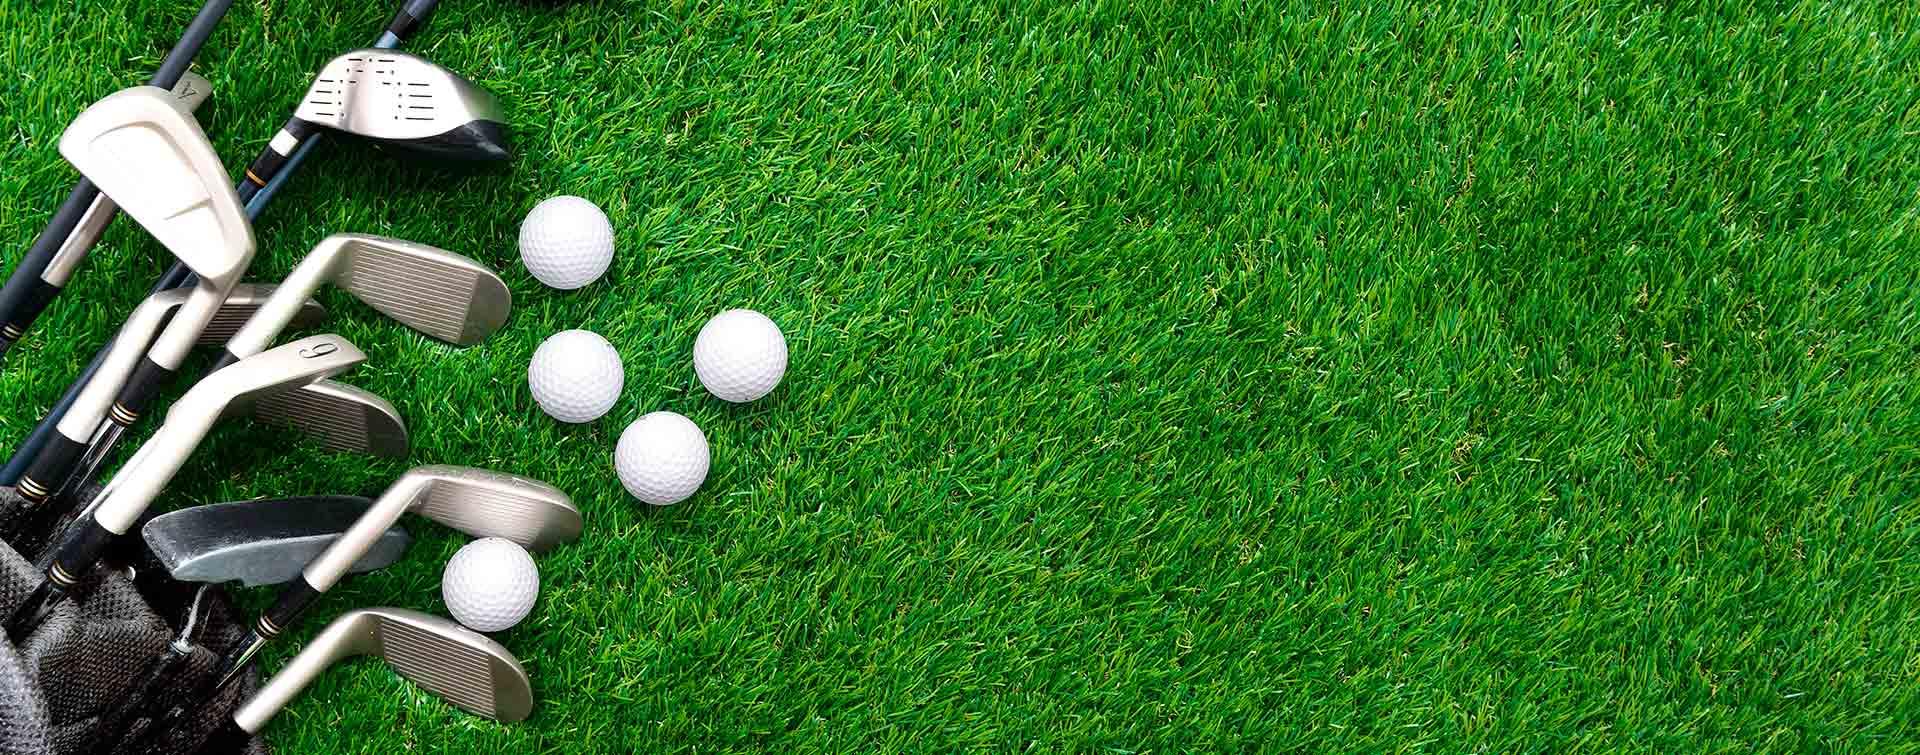 Cabecera Torneo aniversario de golf Segunda Edición 2021 en La Galera